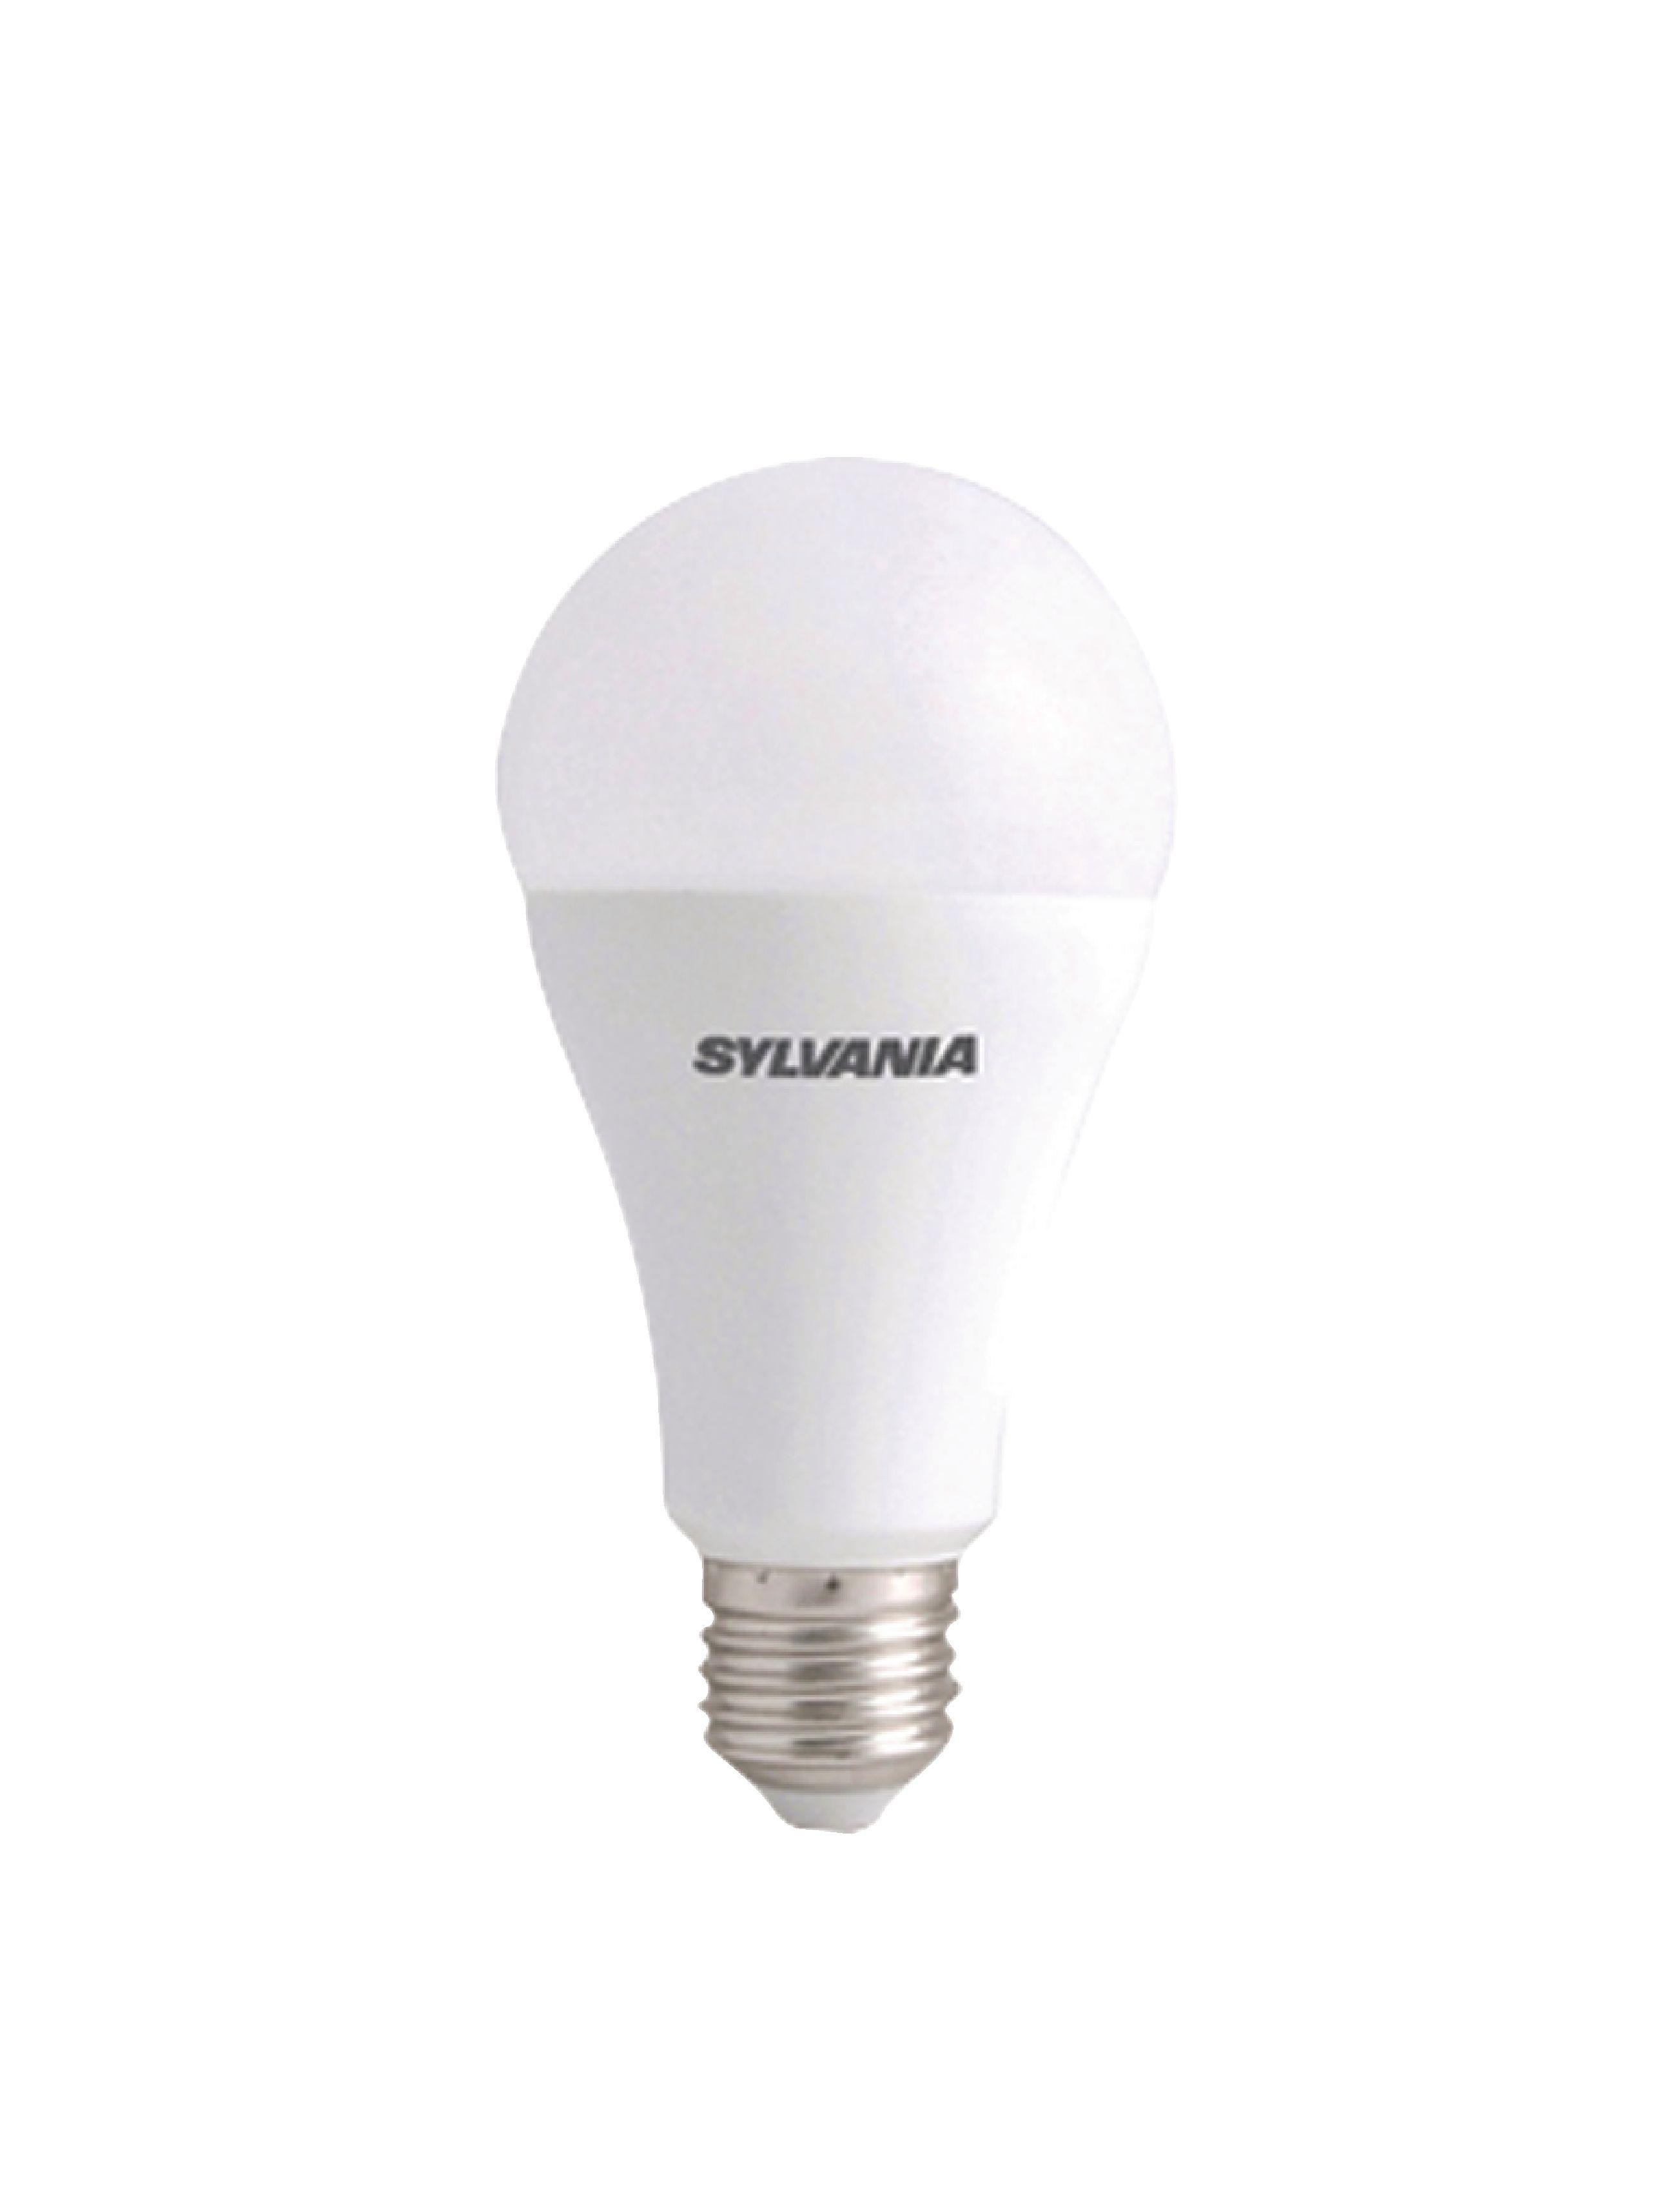 led-lampe-e27-dimmbar-a67-125-w-1055-lm-2700-k